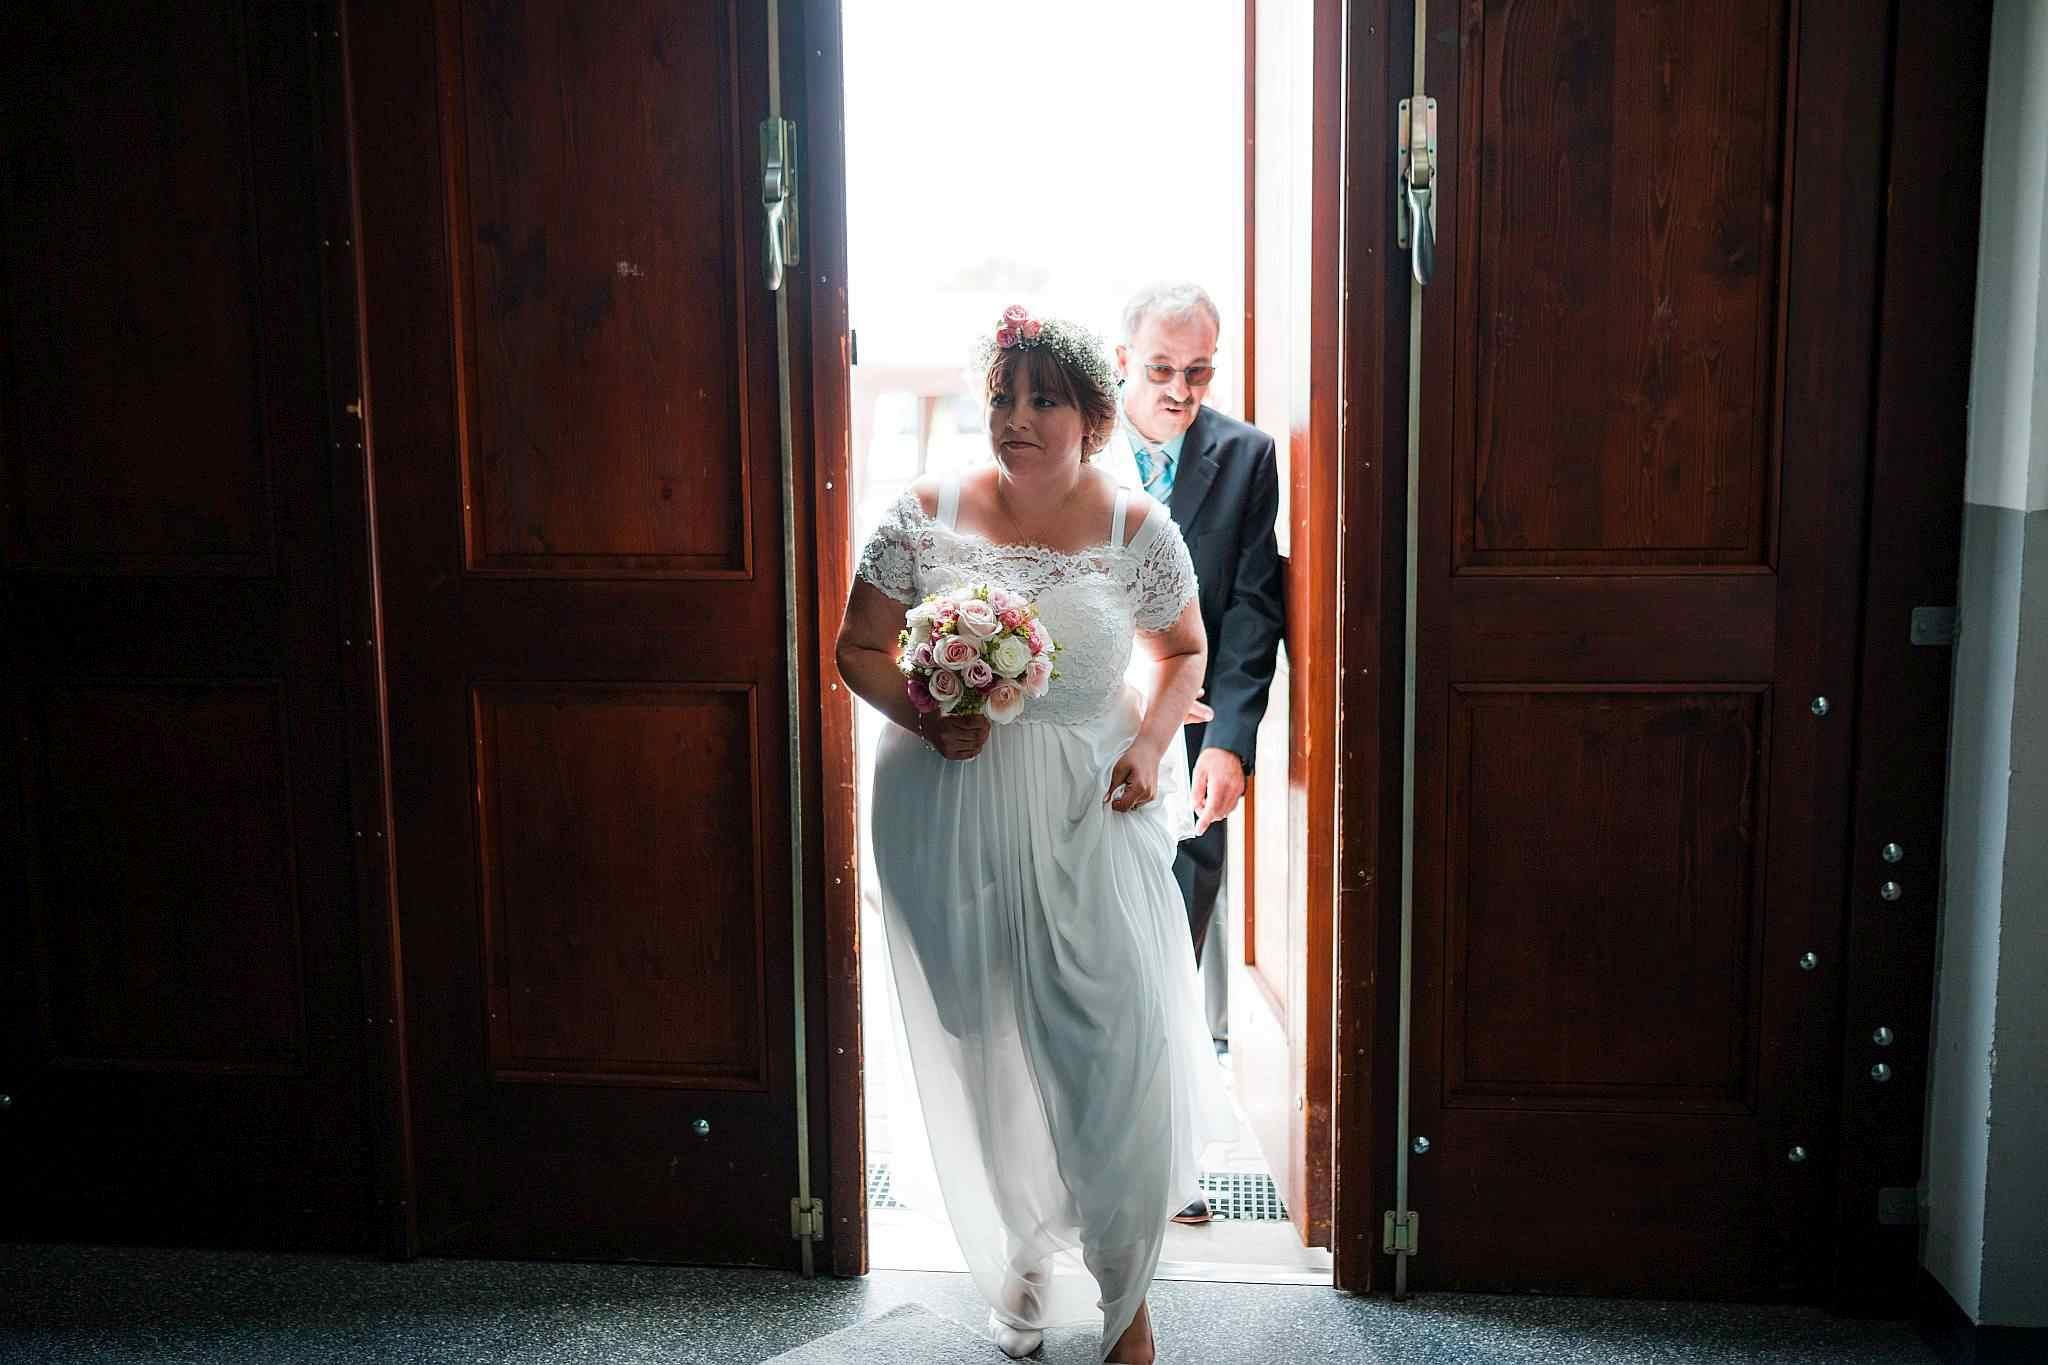 Die Braut beim Einzug in die freie Trauung